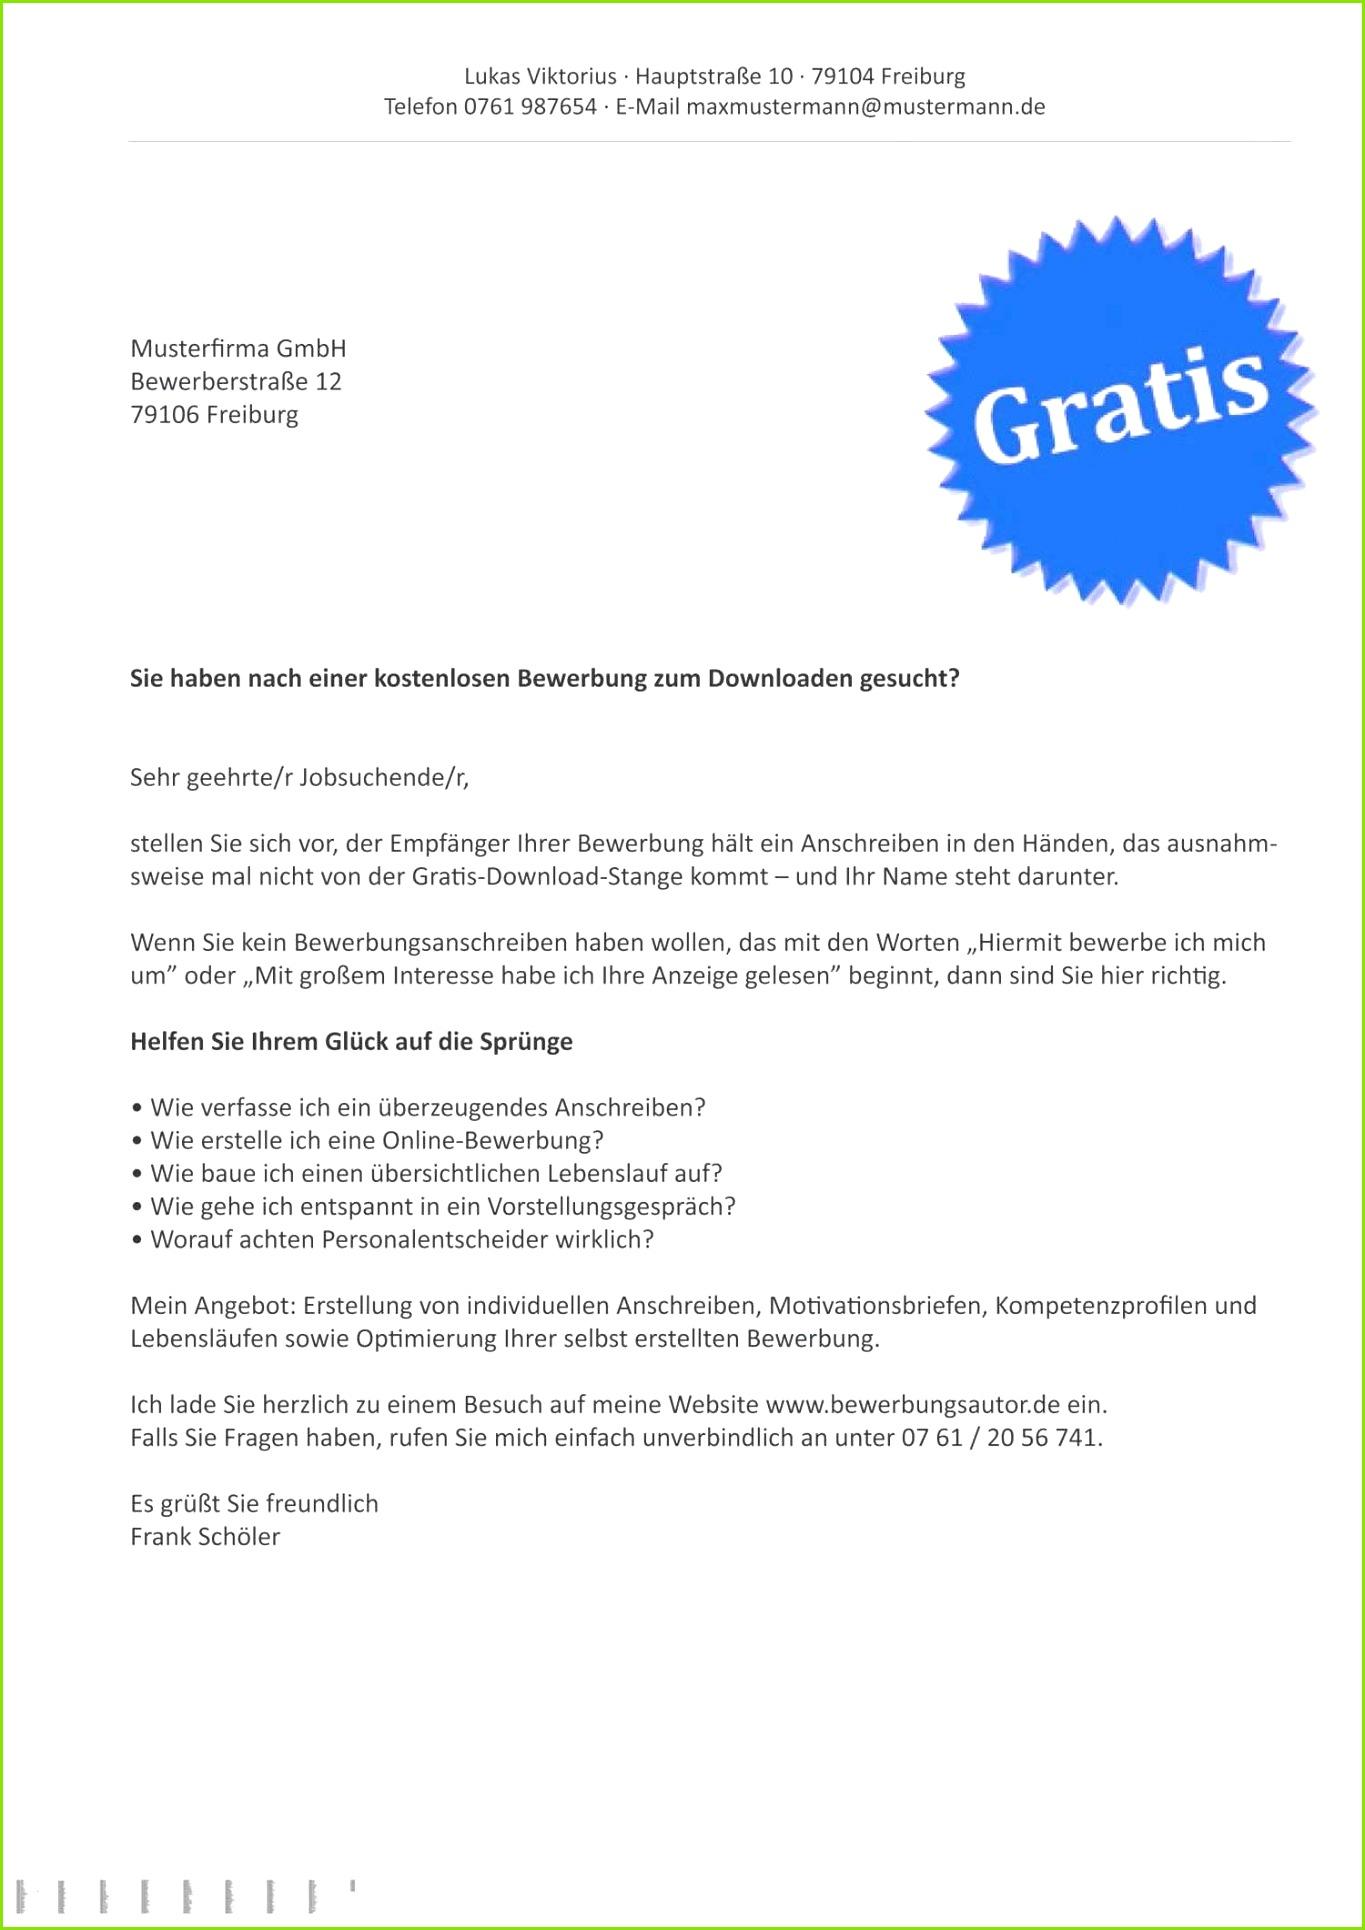 Angebot Englisch Muster Herunterladbare Muster Angebot It Dienstleistung Ideen – Volvo V50 Mw 2 0d Motiv